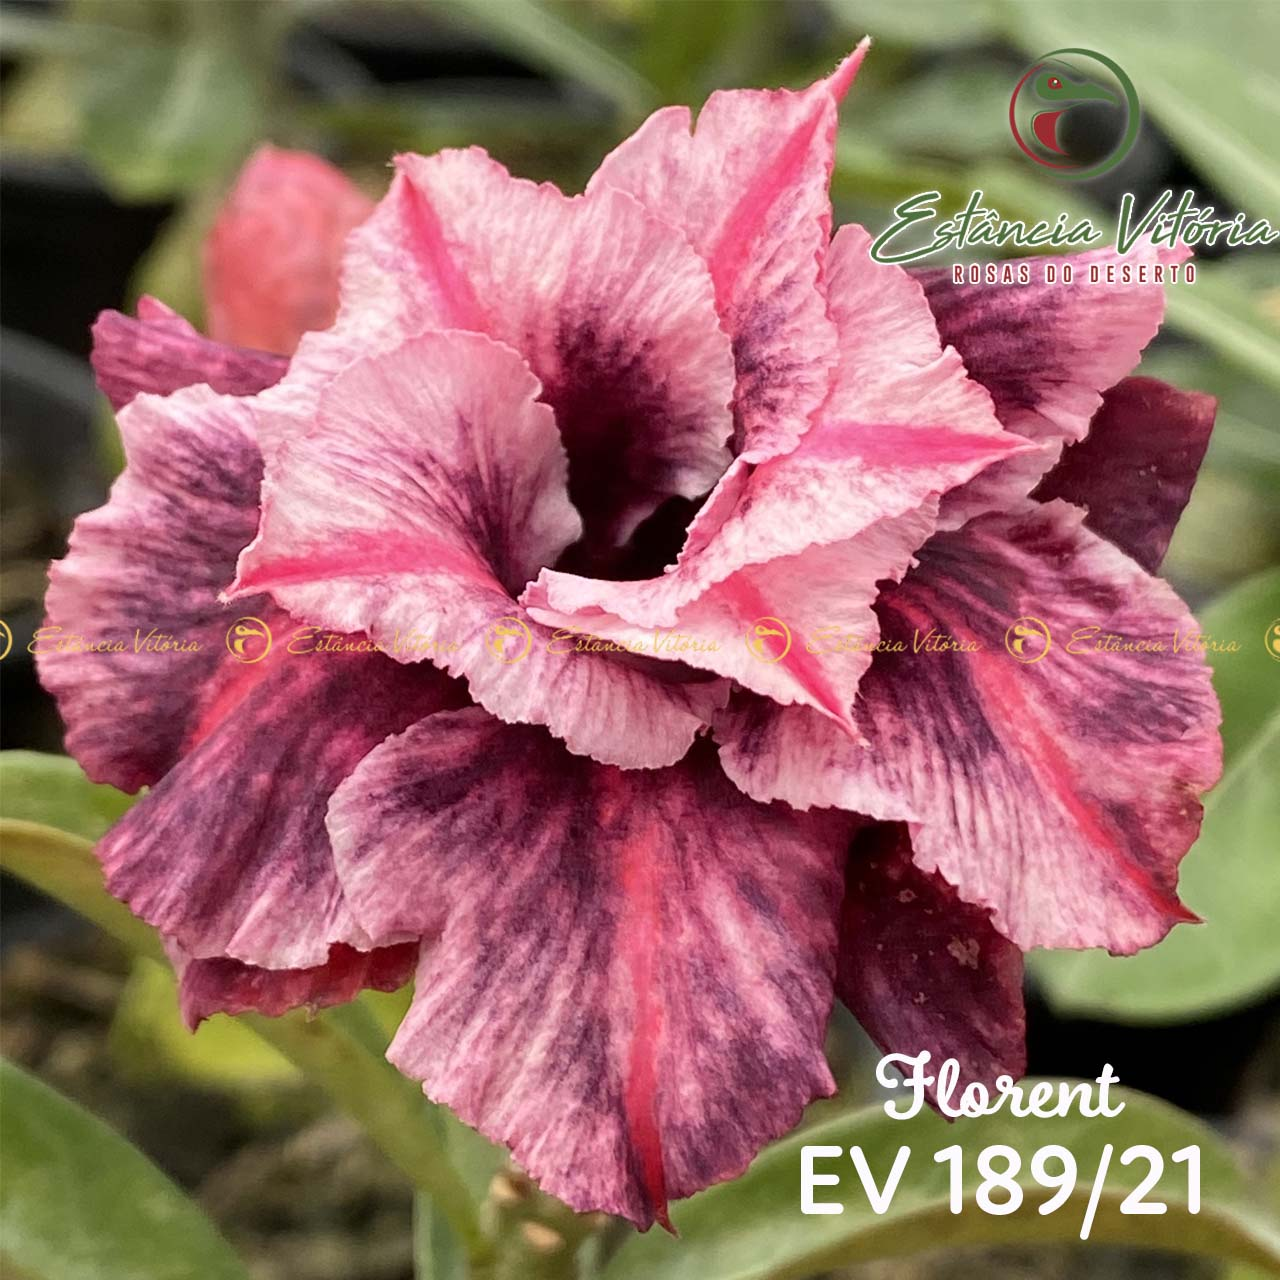 Muda de Rosa do Deserto Florent EV-18921